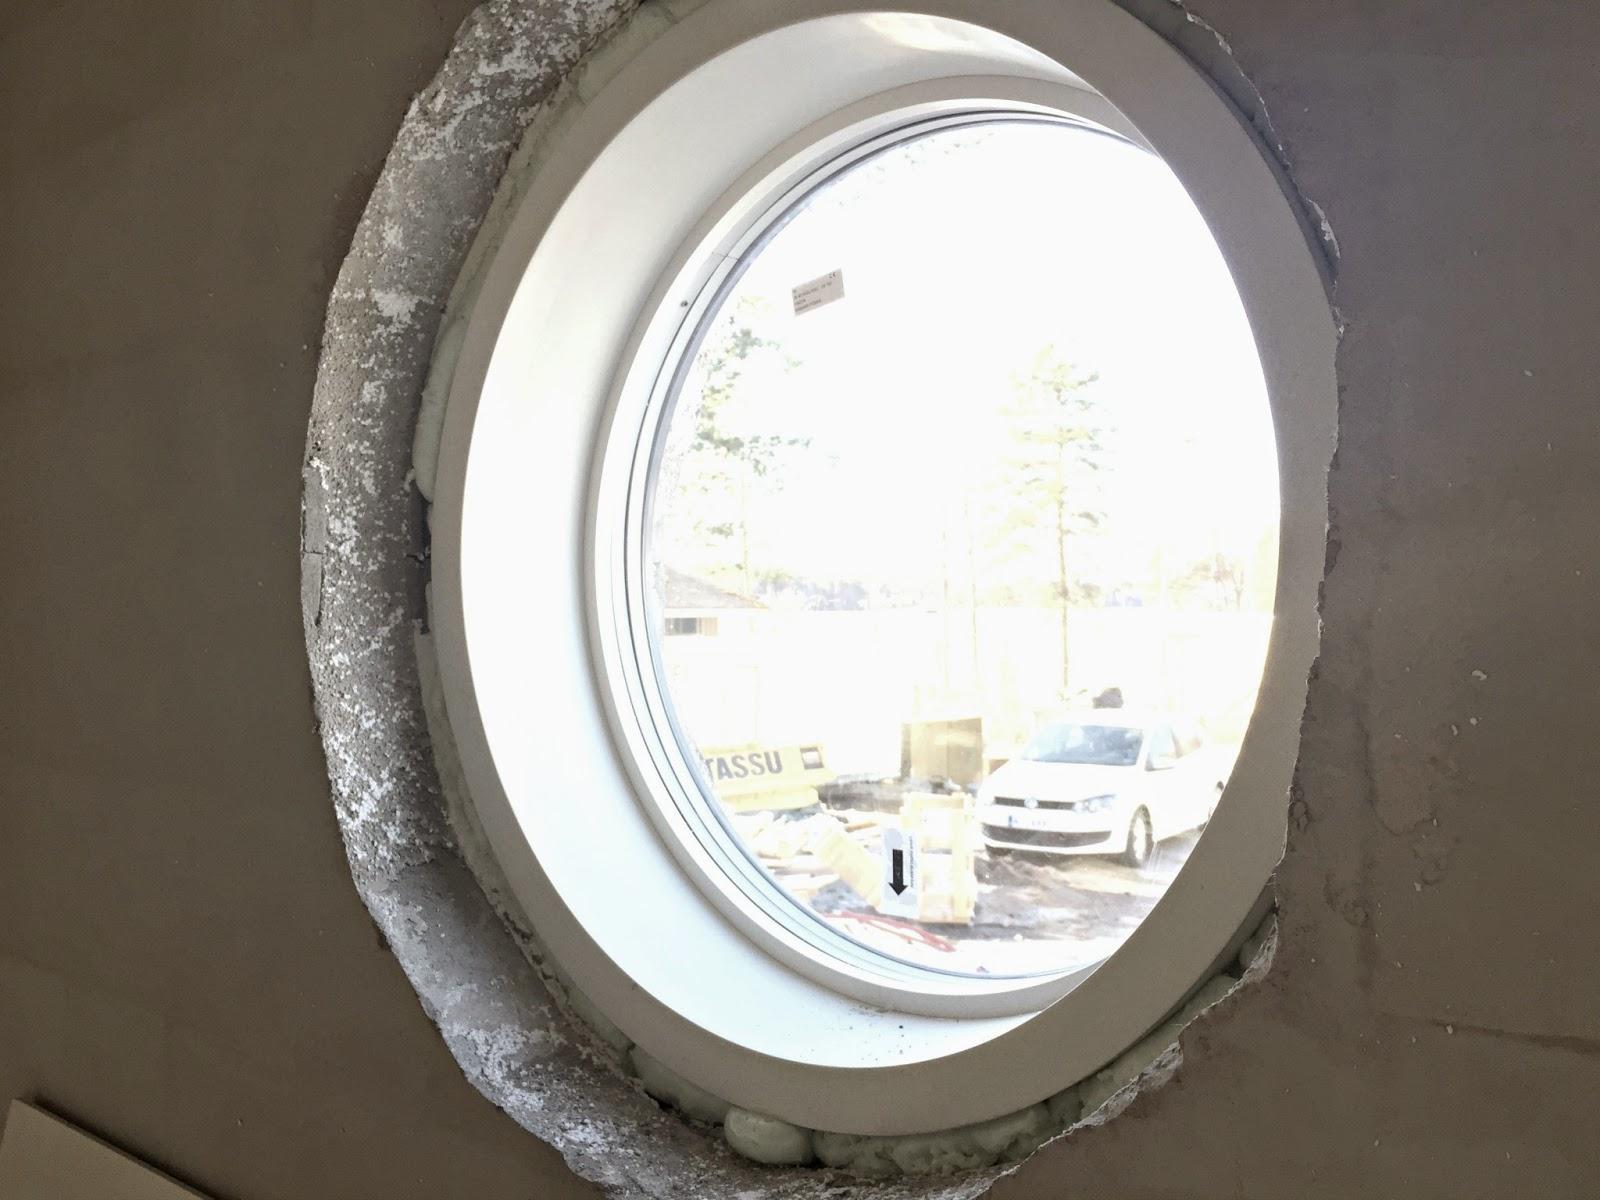 ikkuna, pyöreä ikkuna, skaala